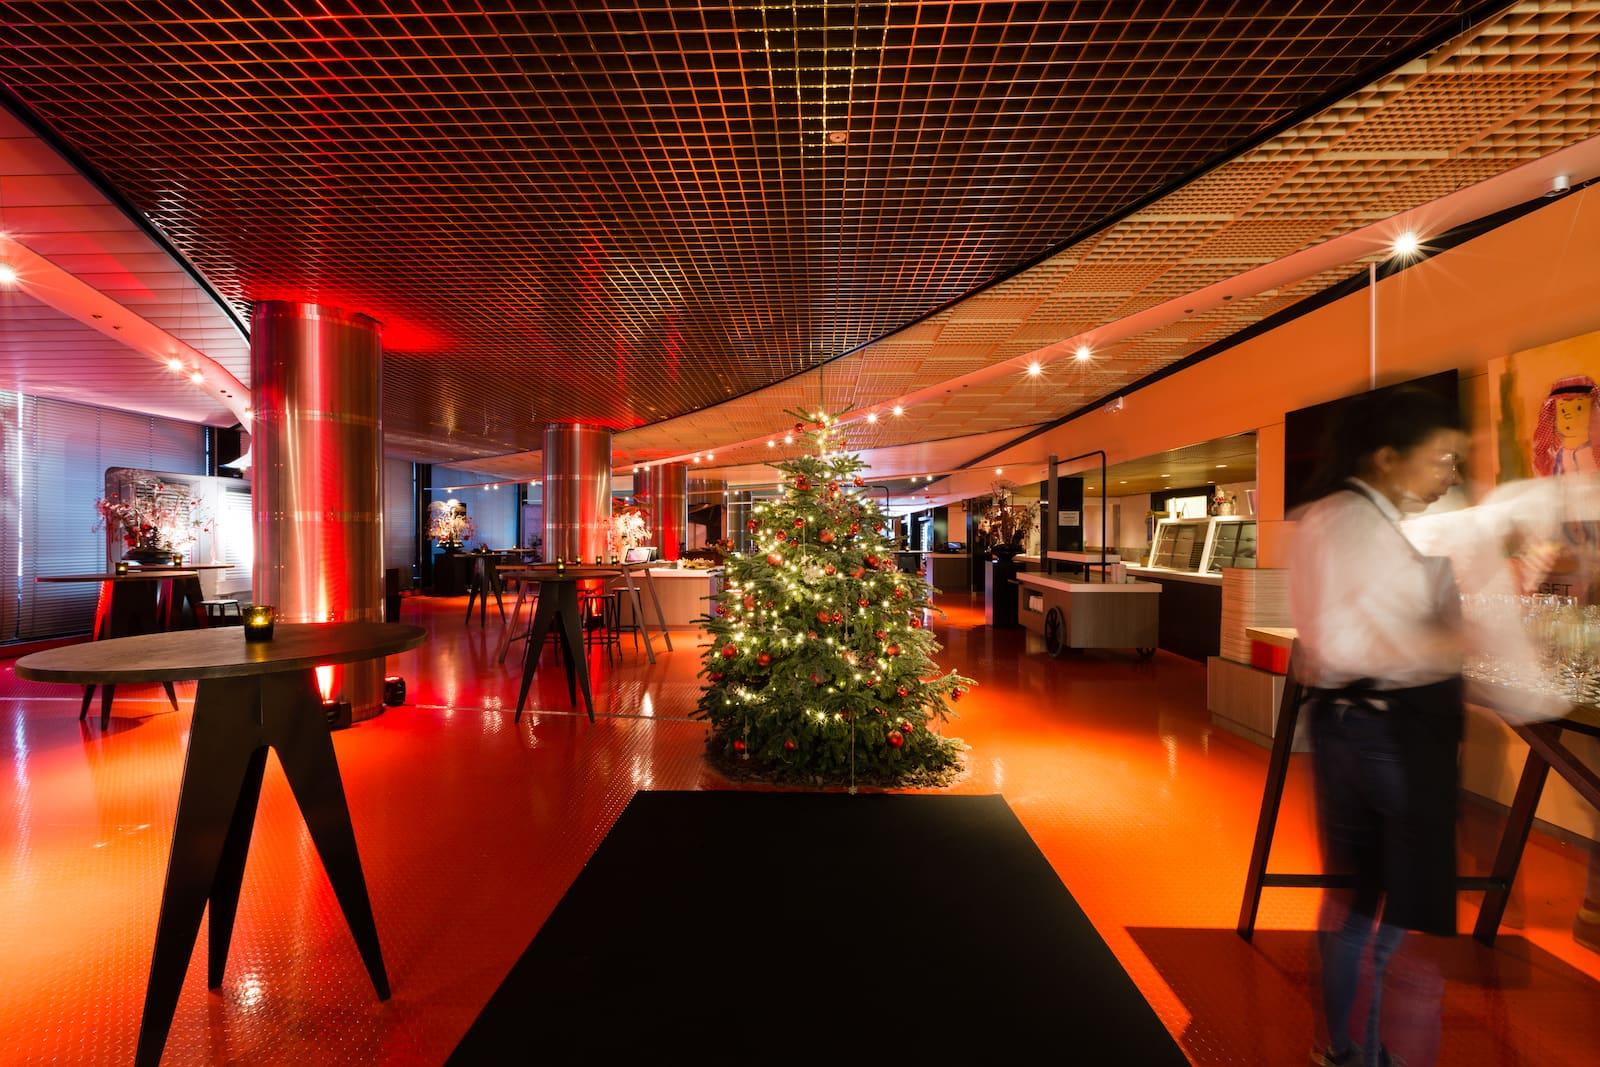 Bas de Boer Eventstyling Weihnachtsdekoration Traditional Weihnachtsbaum Rote Kugeln weihnachtsfeier www.basdeboer eventstyling.de  - Weihnachtsfeier Eventstyling